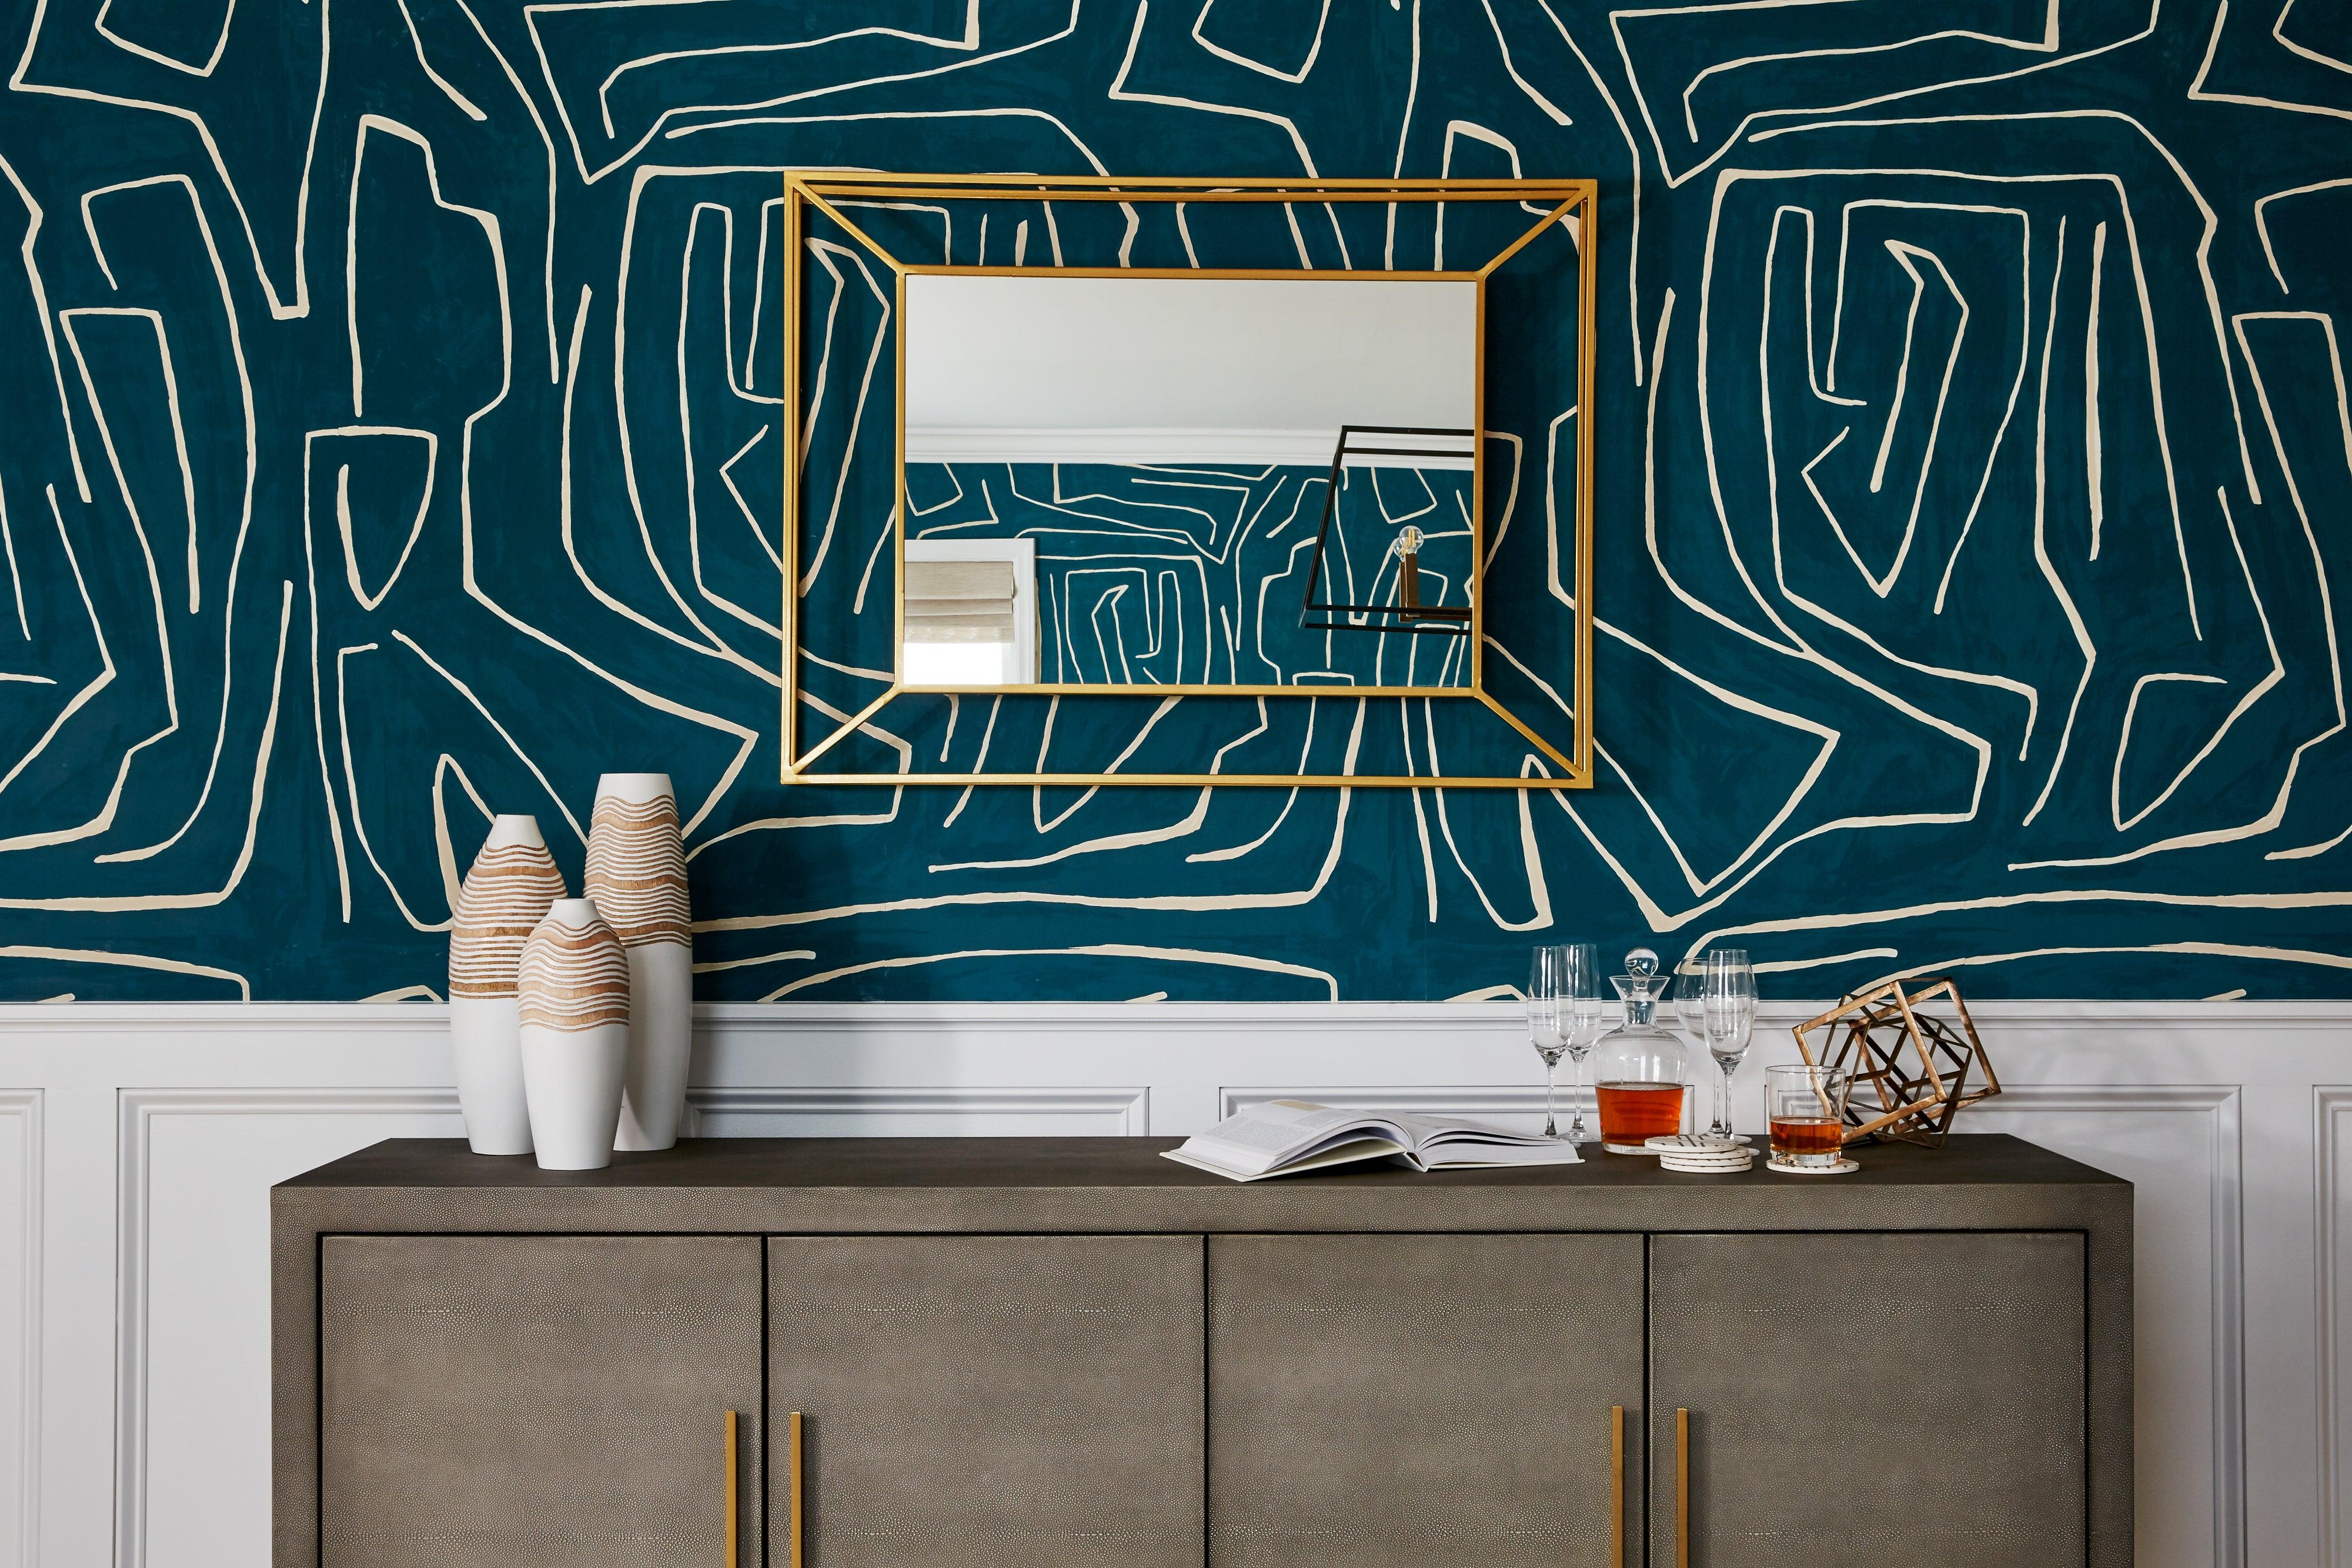 wallpaper in dining room